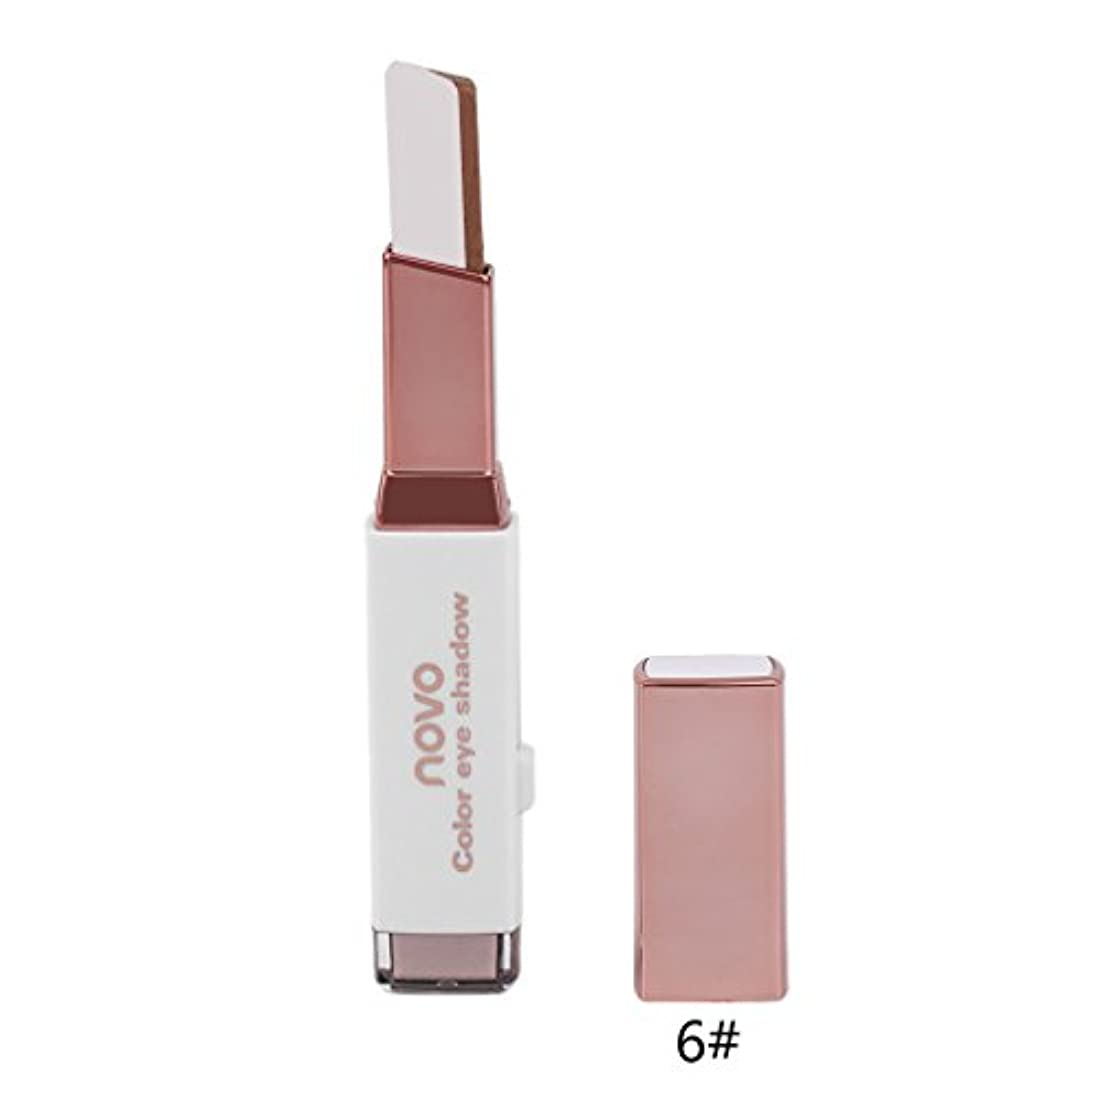 持続的売上高有益防水アイシャドウペンラスティングNOVOダブル色のアイシャドウペンのデュアルカラーの女性の女性の顔メイクツールロング